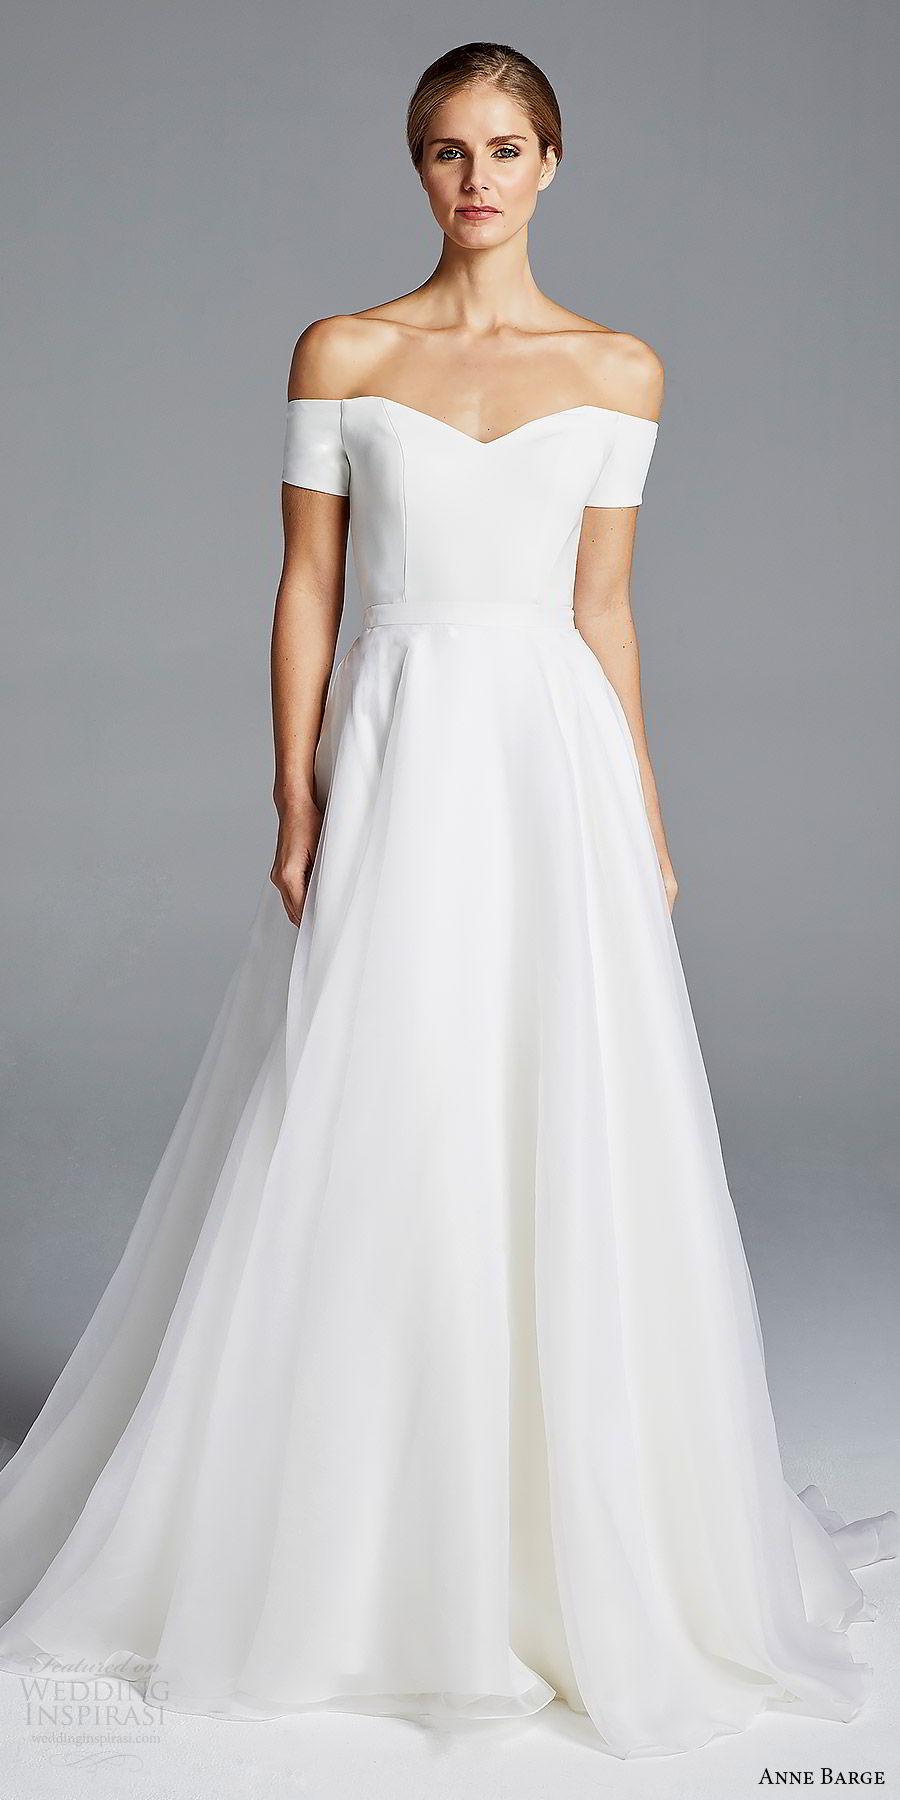 anne barge bridal spring 2019 off shoulder short sleeves sweetheart neckline minimally embellished sheath wedding dress a line overskirt (jolie) mv chic modern elegant